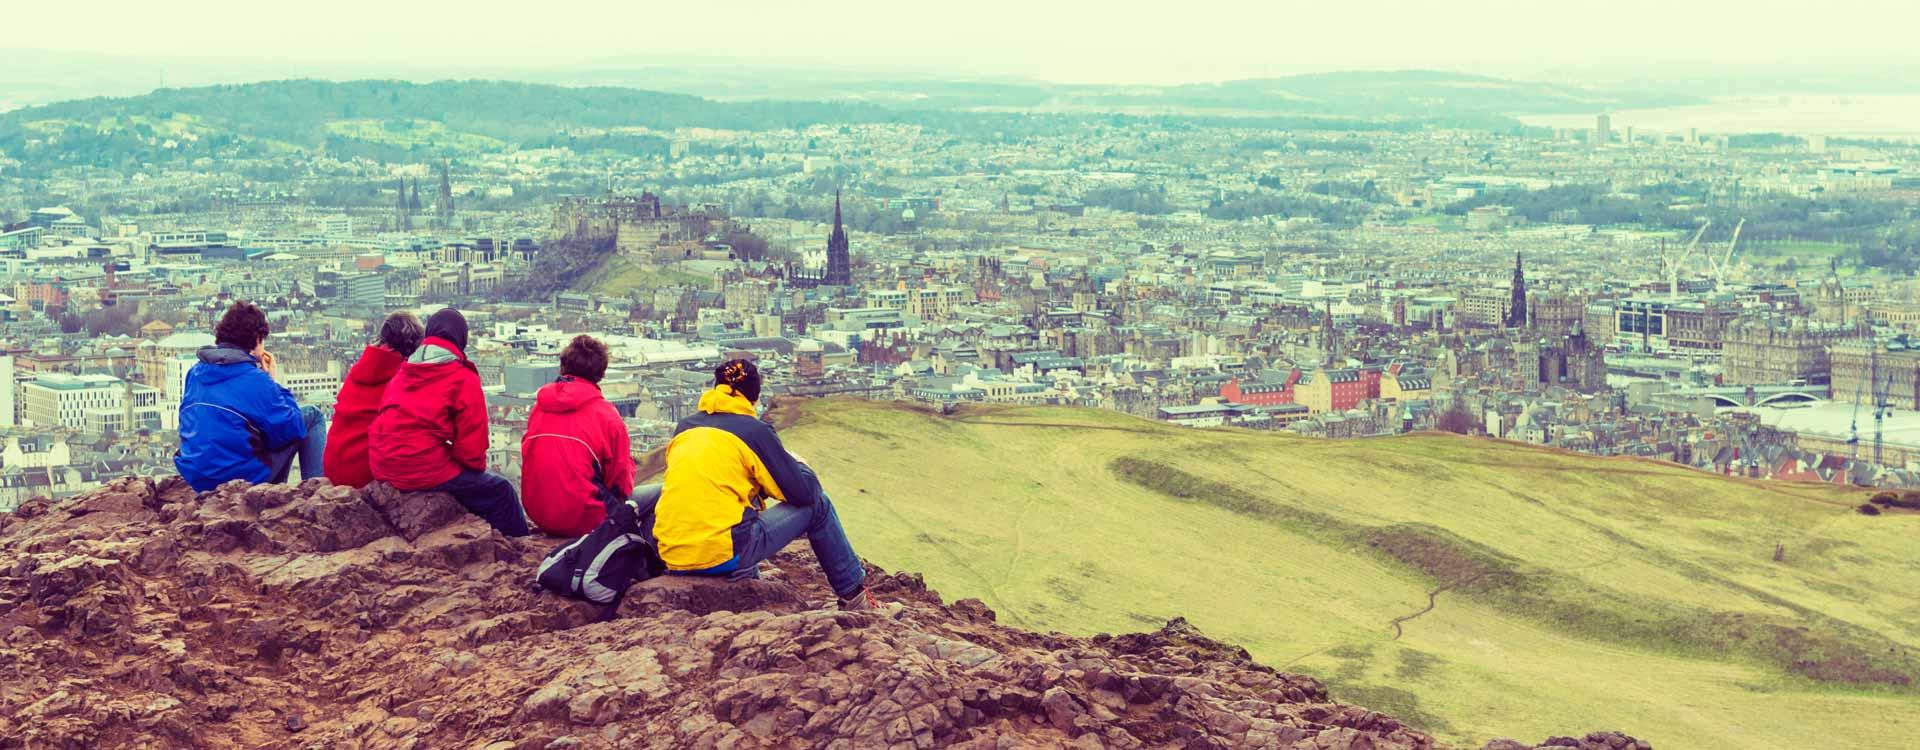 Walkers resting on the rocks overlooking Edinburgh